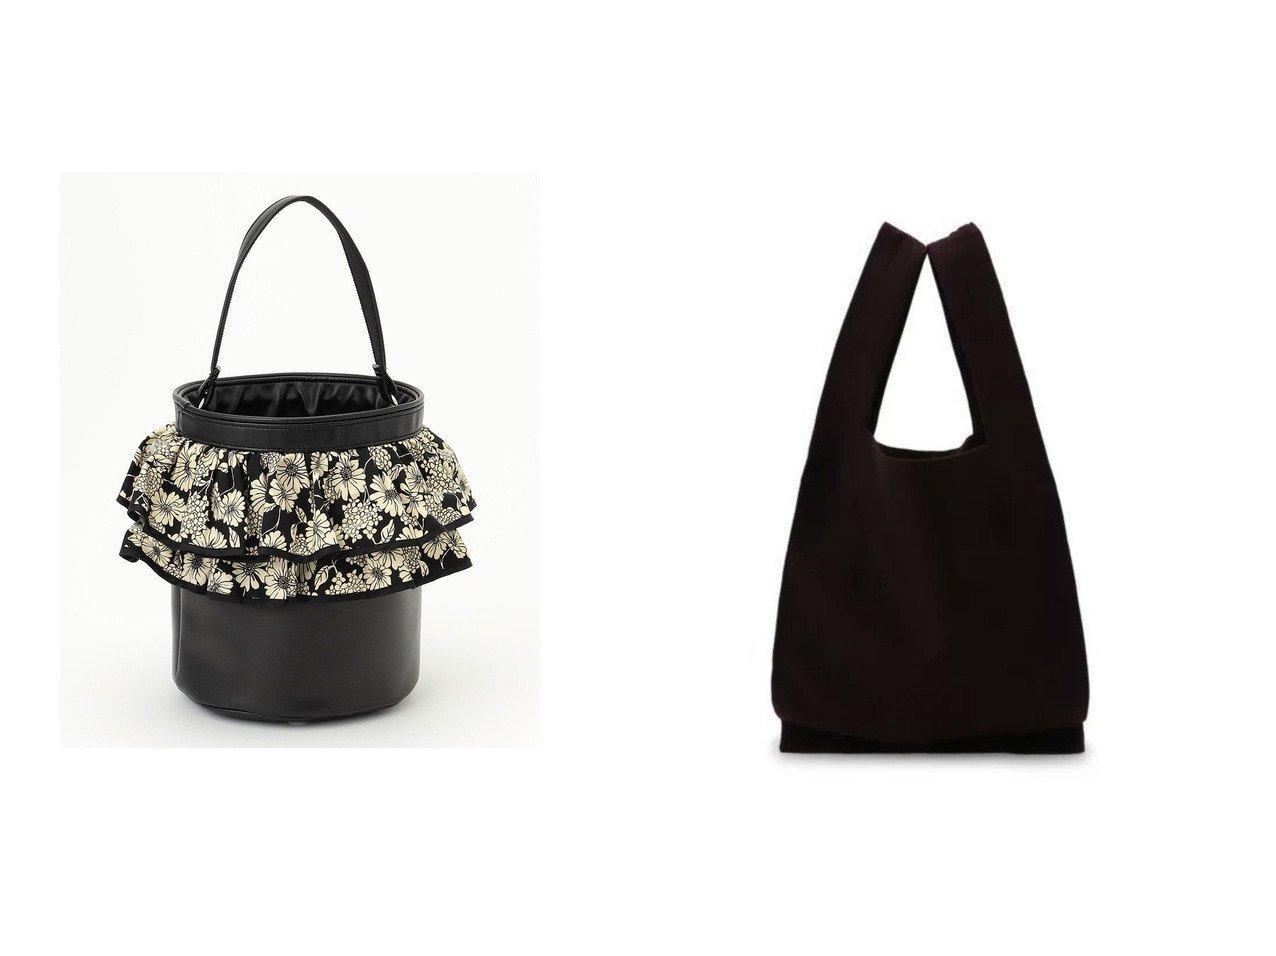 【KUMIKYOKU/組曲】の【組曲×setsuko_sagittaire】picnic&【SEYA/セヤ】のFELTED WOOL SHOPPING BAG 【バッグ・鞄】おすすめ!人気、トレンド・レディースファッションの通販 おすすめで人気の流行・トレンド、ファッションの通販商品 インテリア・家具・メンズファッション・キッズファッション・レディースファッション・服の通販 founy(ファニー) https://founy.com/ ファッション Fashion レディースファッション WOMEN バッグ Bag 2021年 2021 2021-2022秋冬・A/W AW・Autumn/Winter・FW・Fall-Winter・2021-2022 A/W・秋冬 AW・Autumn/Winter・FW・Fall-Winter シンプル 秋 Autumn/Fall 定番 Standard 人気 ハンドバッグ バケツ フリル 送料無料 Free Shipping  ID:crp329100000070720